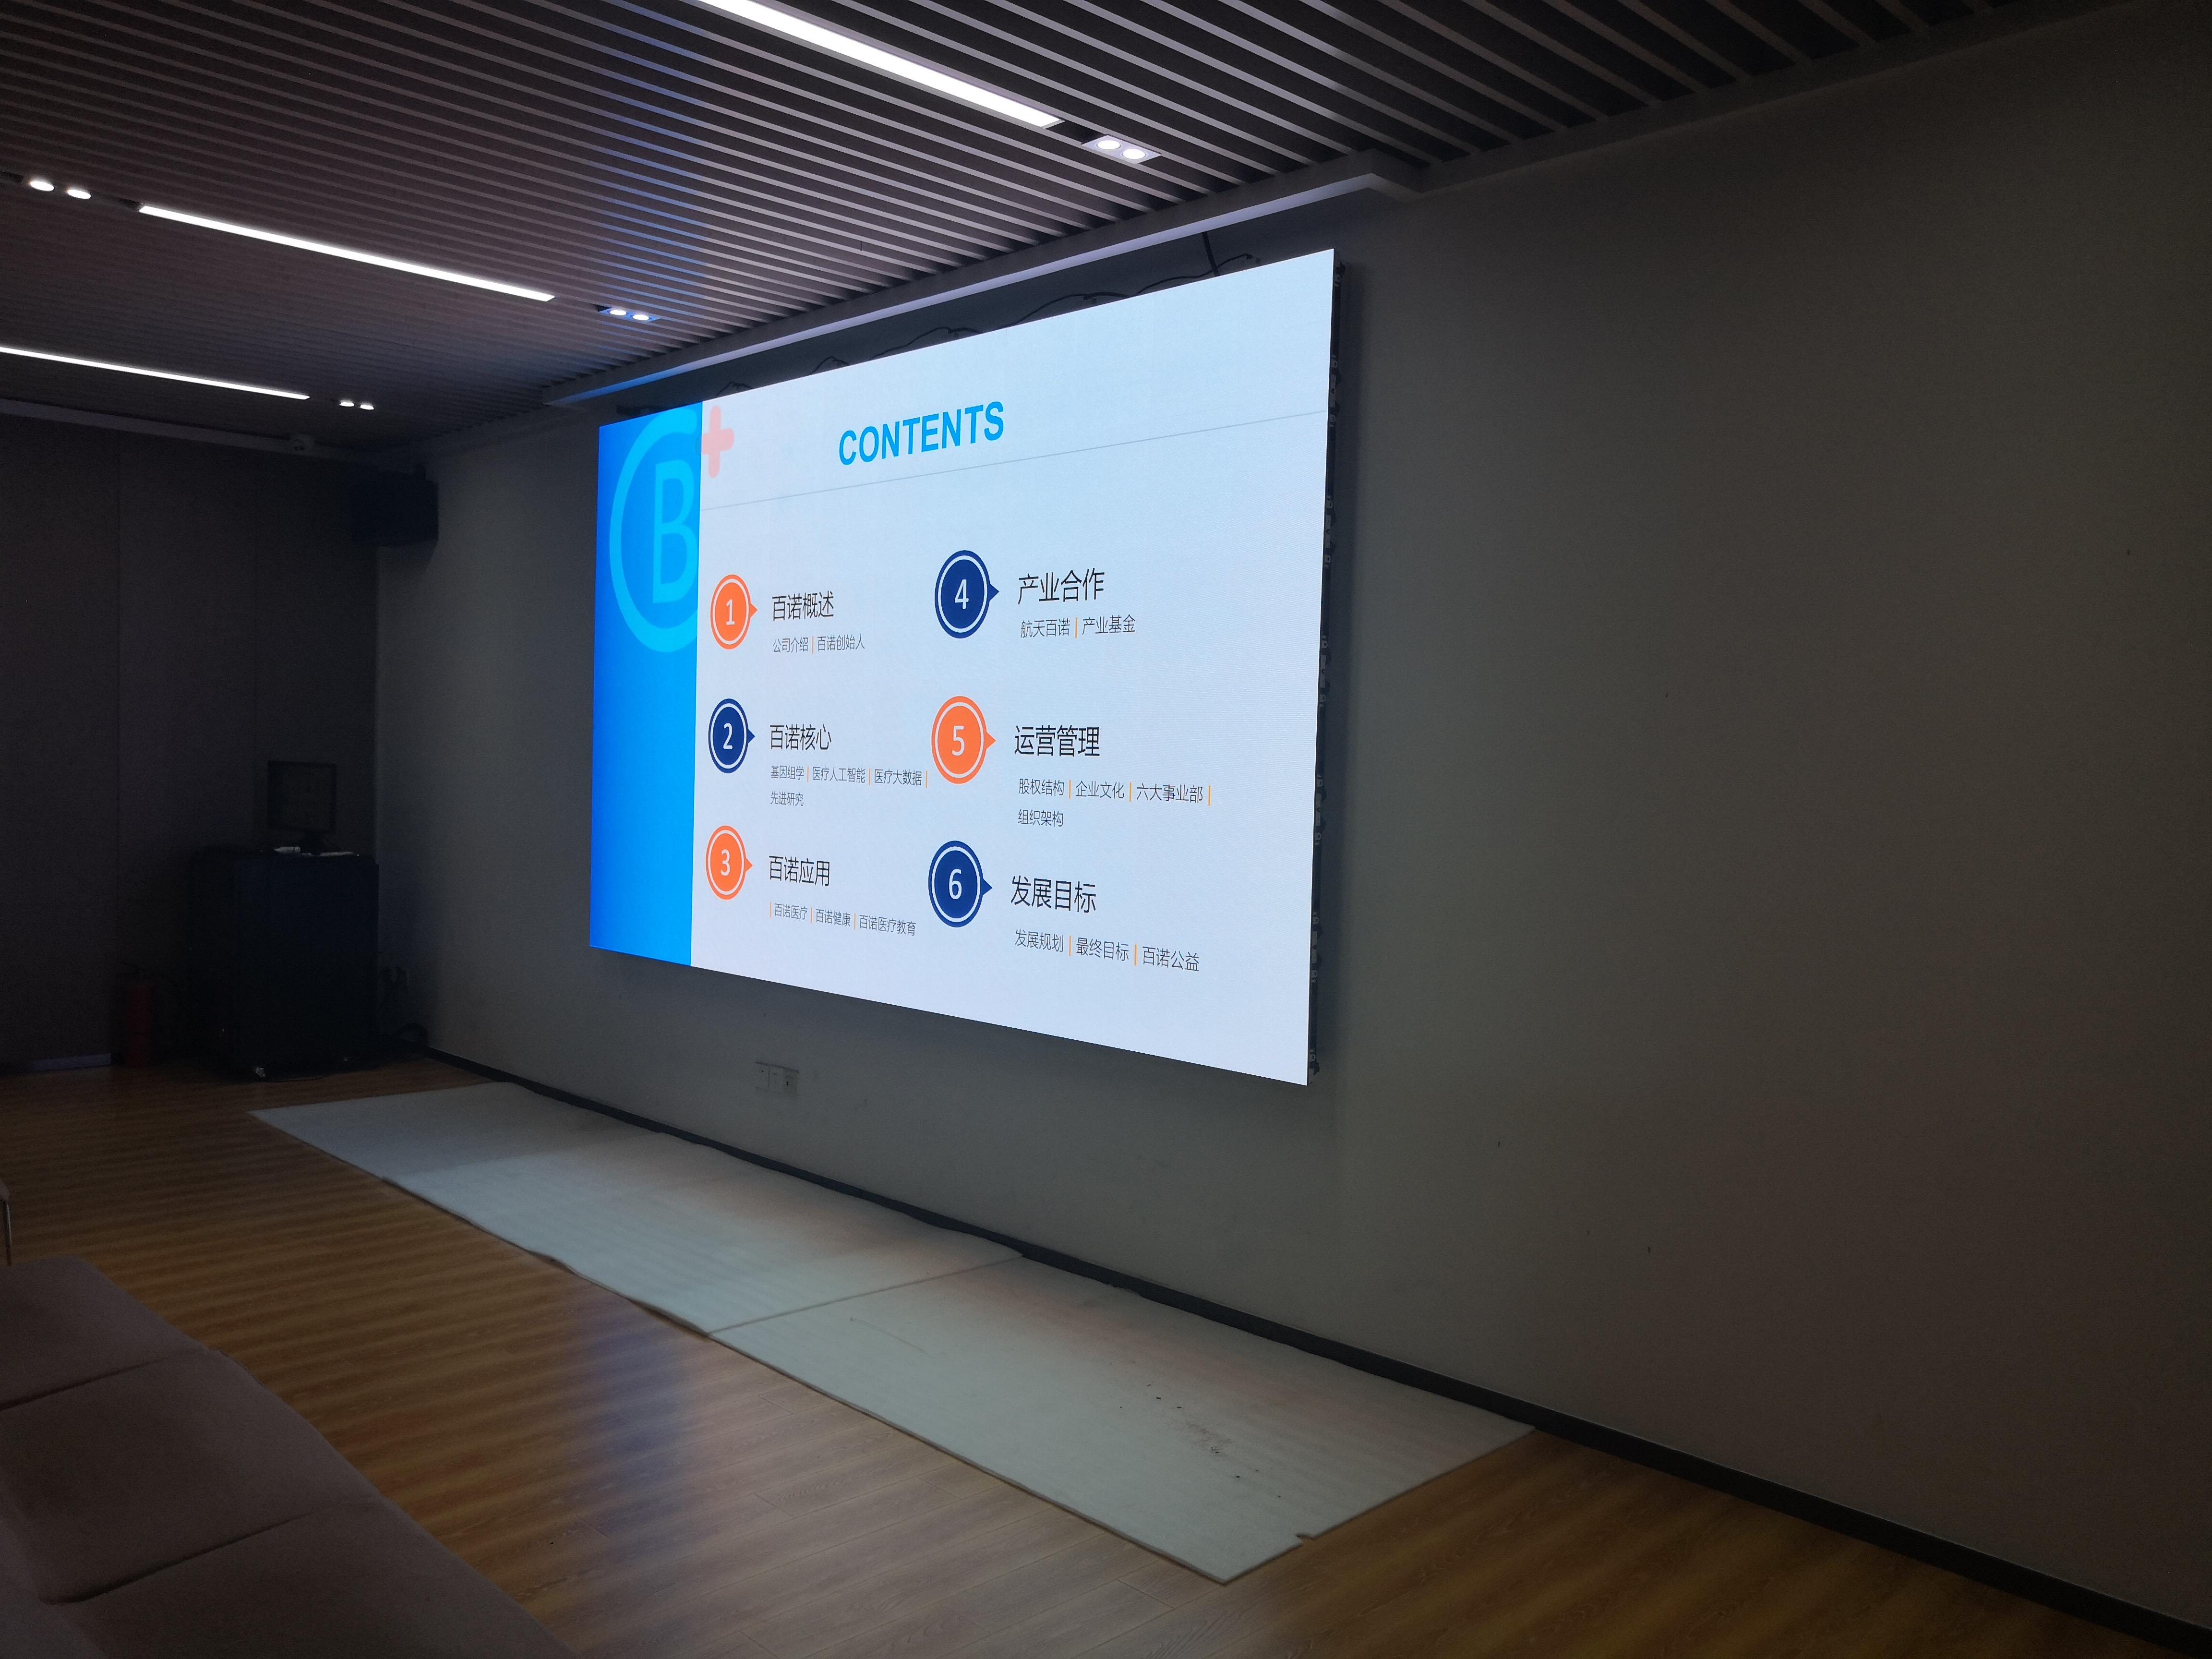 易事达LED小间距深圳南山西丽会议室项目